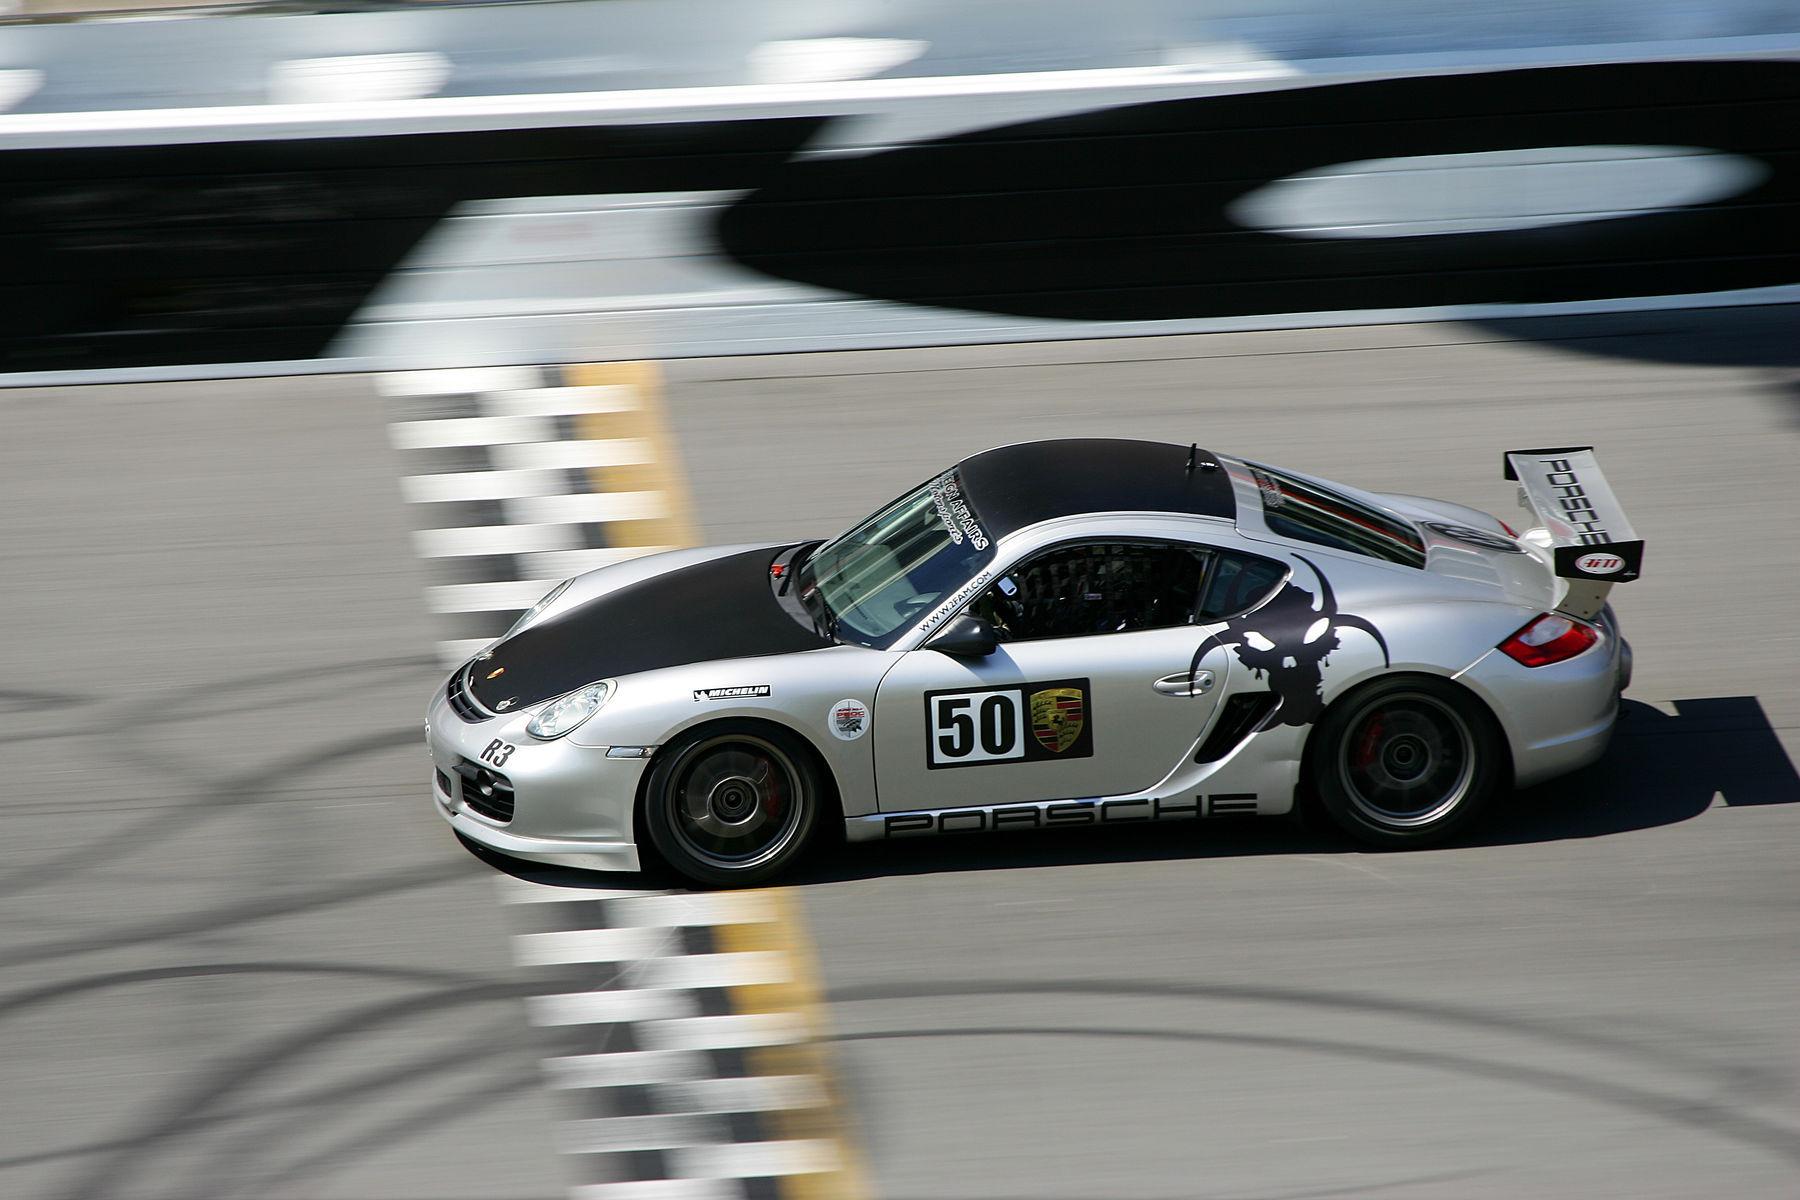 2008 Porsche Cayman S | Porsche Cayman S